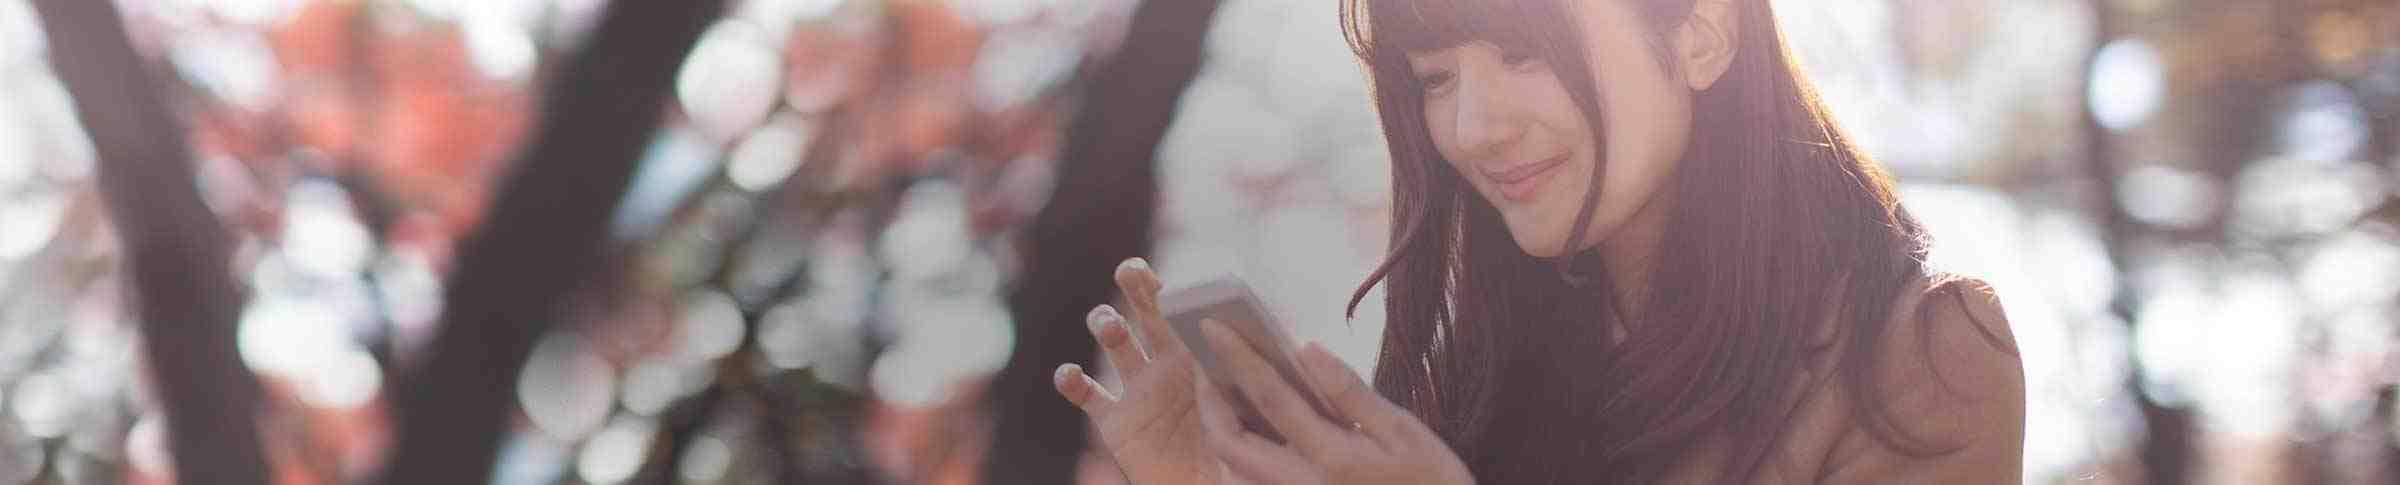 Eine junge Frau schaut auf ihr Mobiltelefon